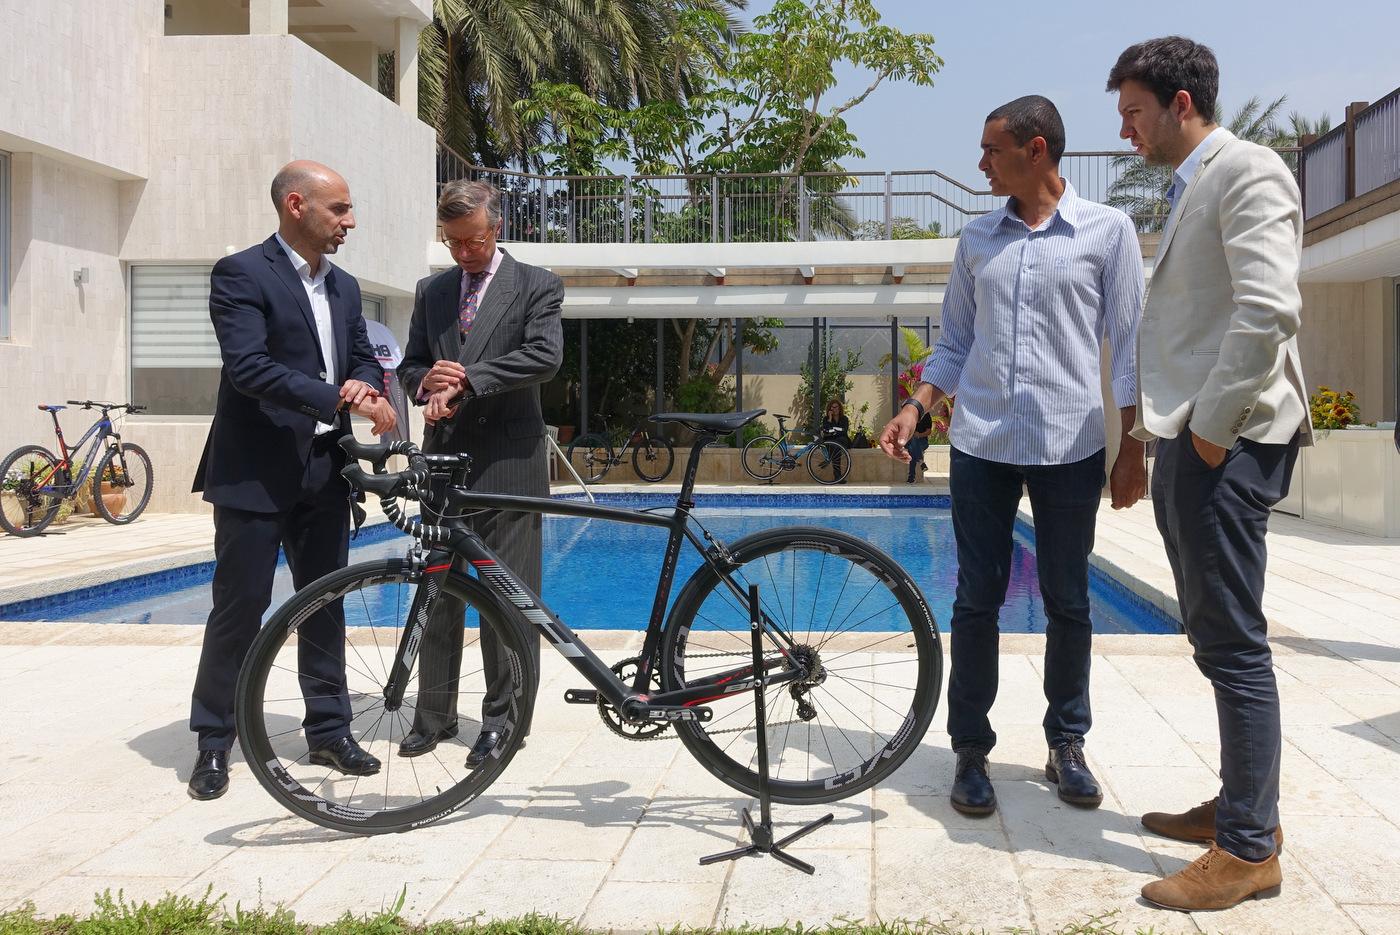 השעון מדבר… ב BH הולכים על מהירות! הראל שקד, שגריר ספרד בישראל ונציגי BH